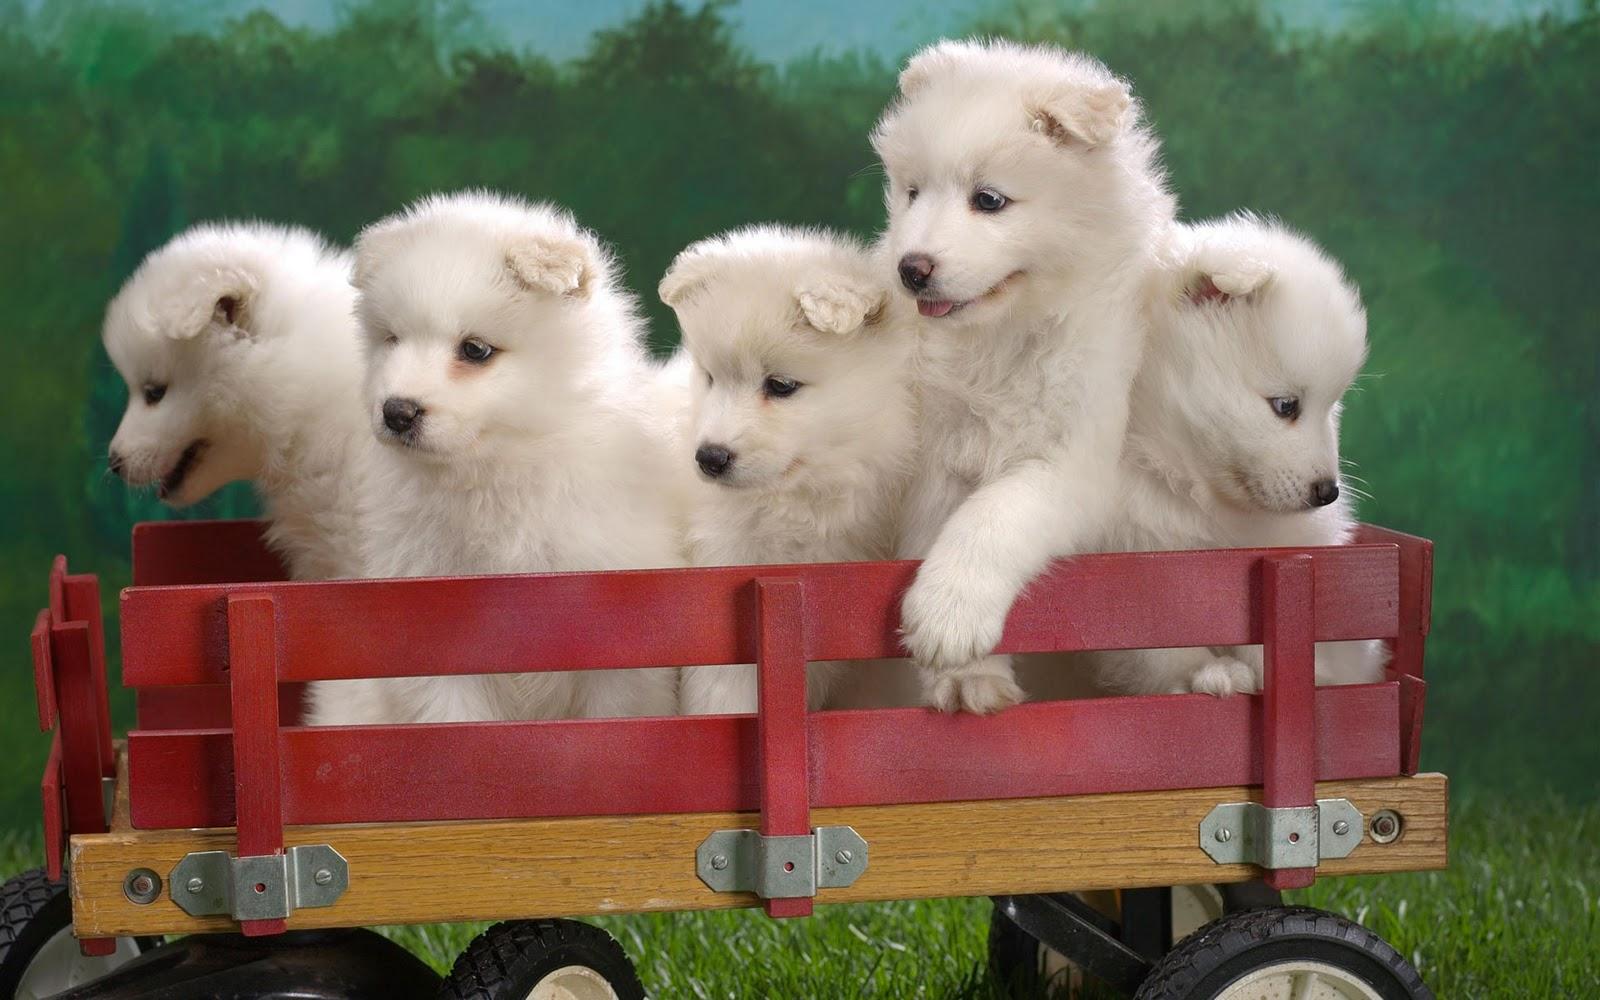 http://1.bp.blogspot.com/-Edur9SDcF_k/Toa477HxFpI/AAAAAAAAAk8/W2EZ9RqmiFc/s1600/Puppies-wallpaper.jpg